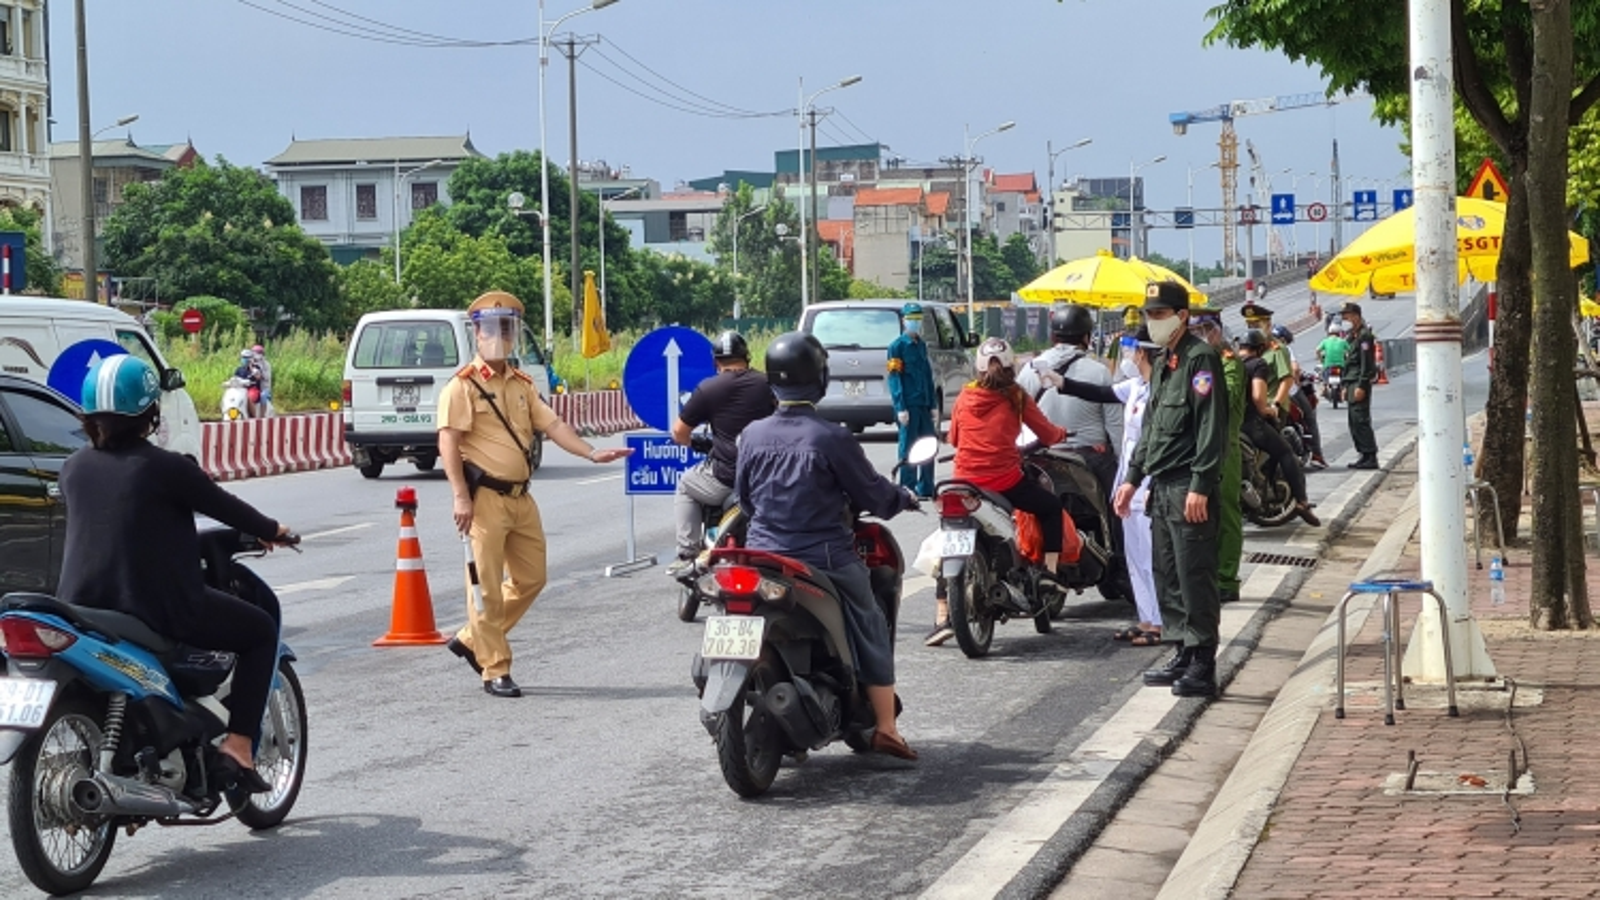 Ngày 9/9, Hà Nội xử phạt hơn 500 trường hợp vi phạm phòng chống dịch